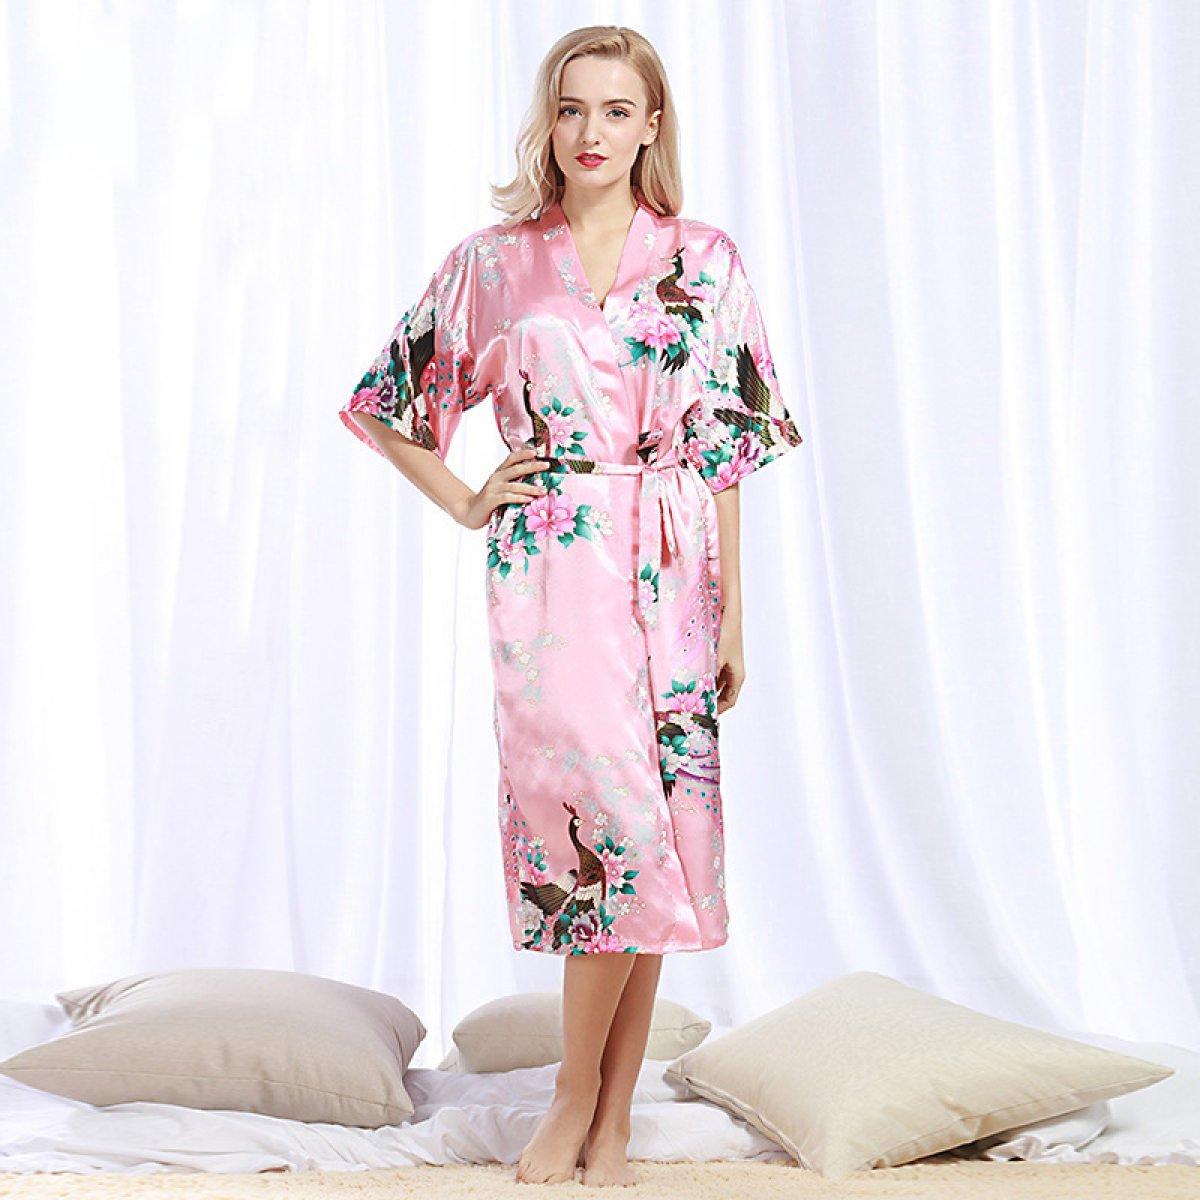 XING GUANG Chaqueta De Albornoz Explosiva del Pavo Real del Verano De Las Mujeres De La Rebeca del Camisón Pijamas De Seda del Camisón Atractivo,Black(XXL): ...